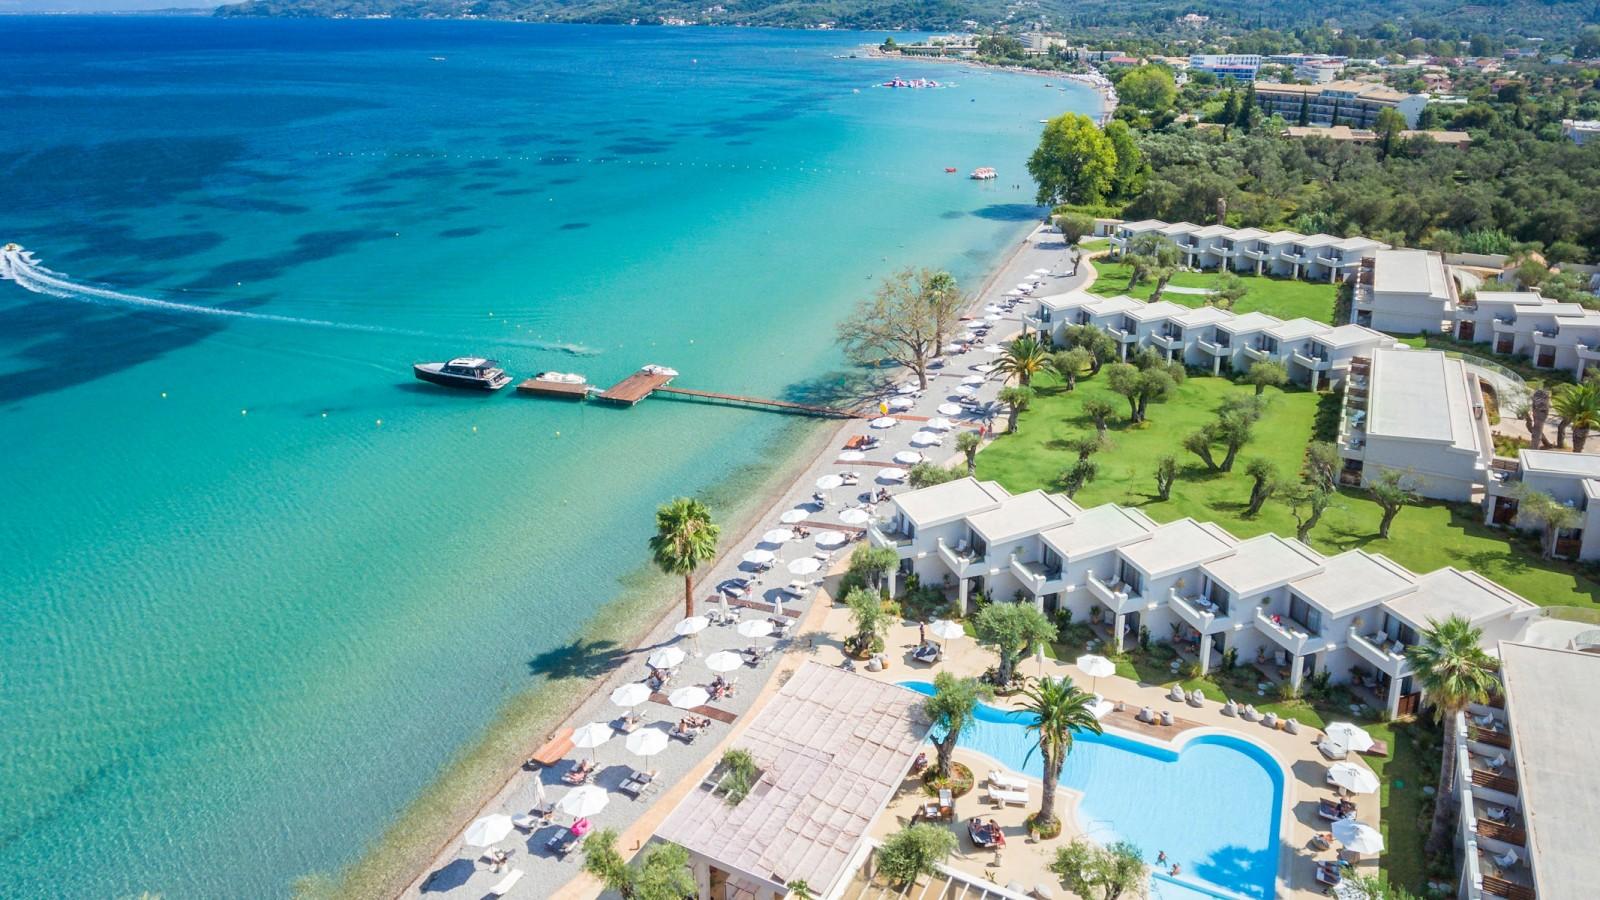 Domes Miramare Corfu